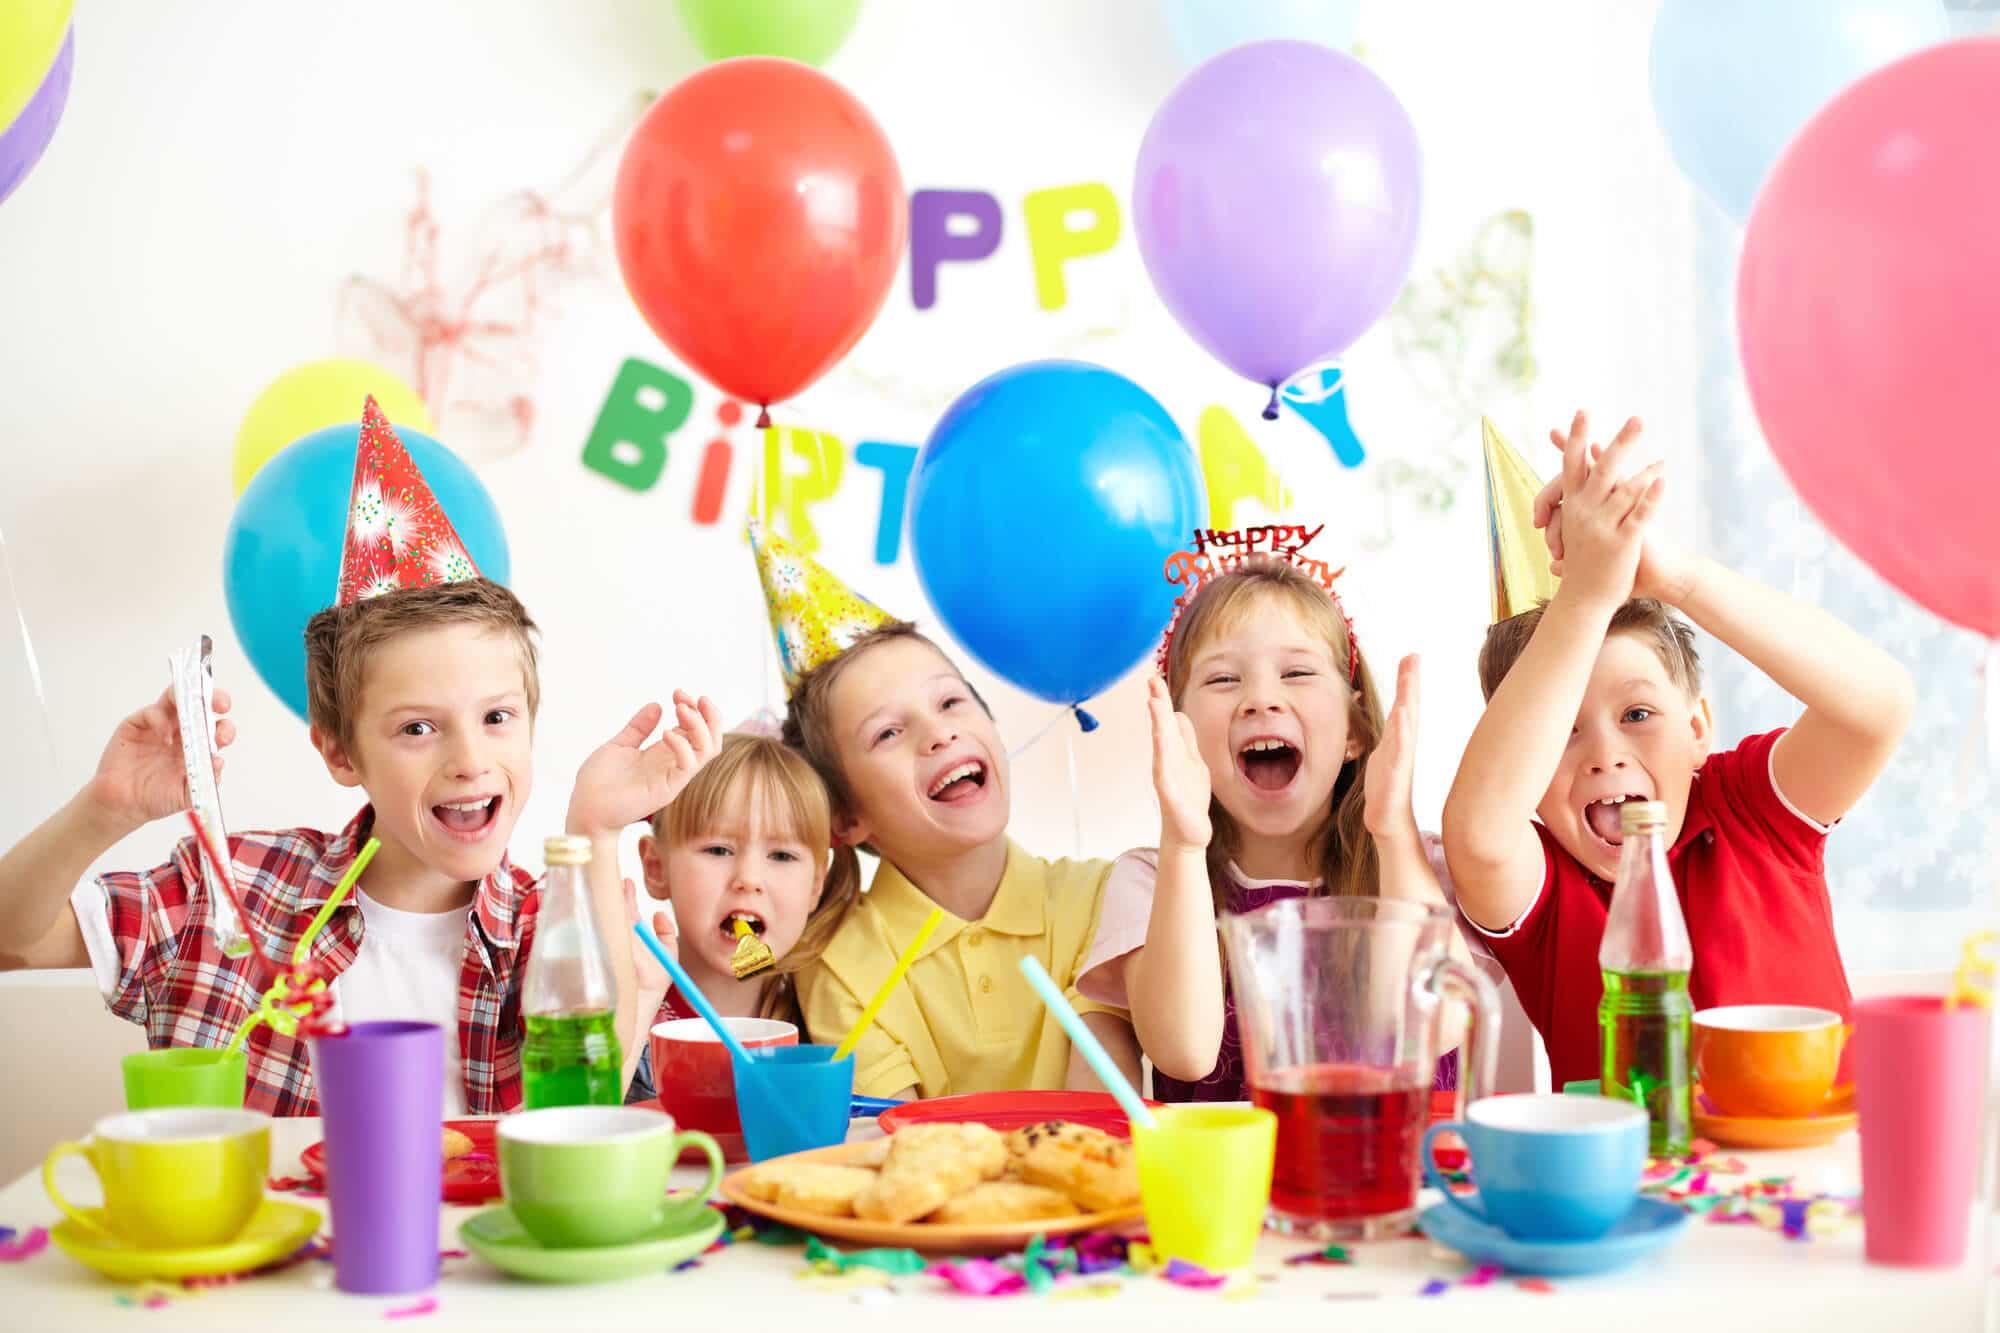 מסיבת יום הולדת בבית